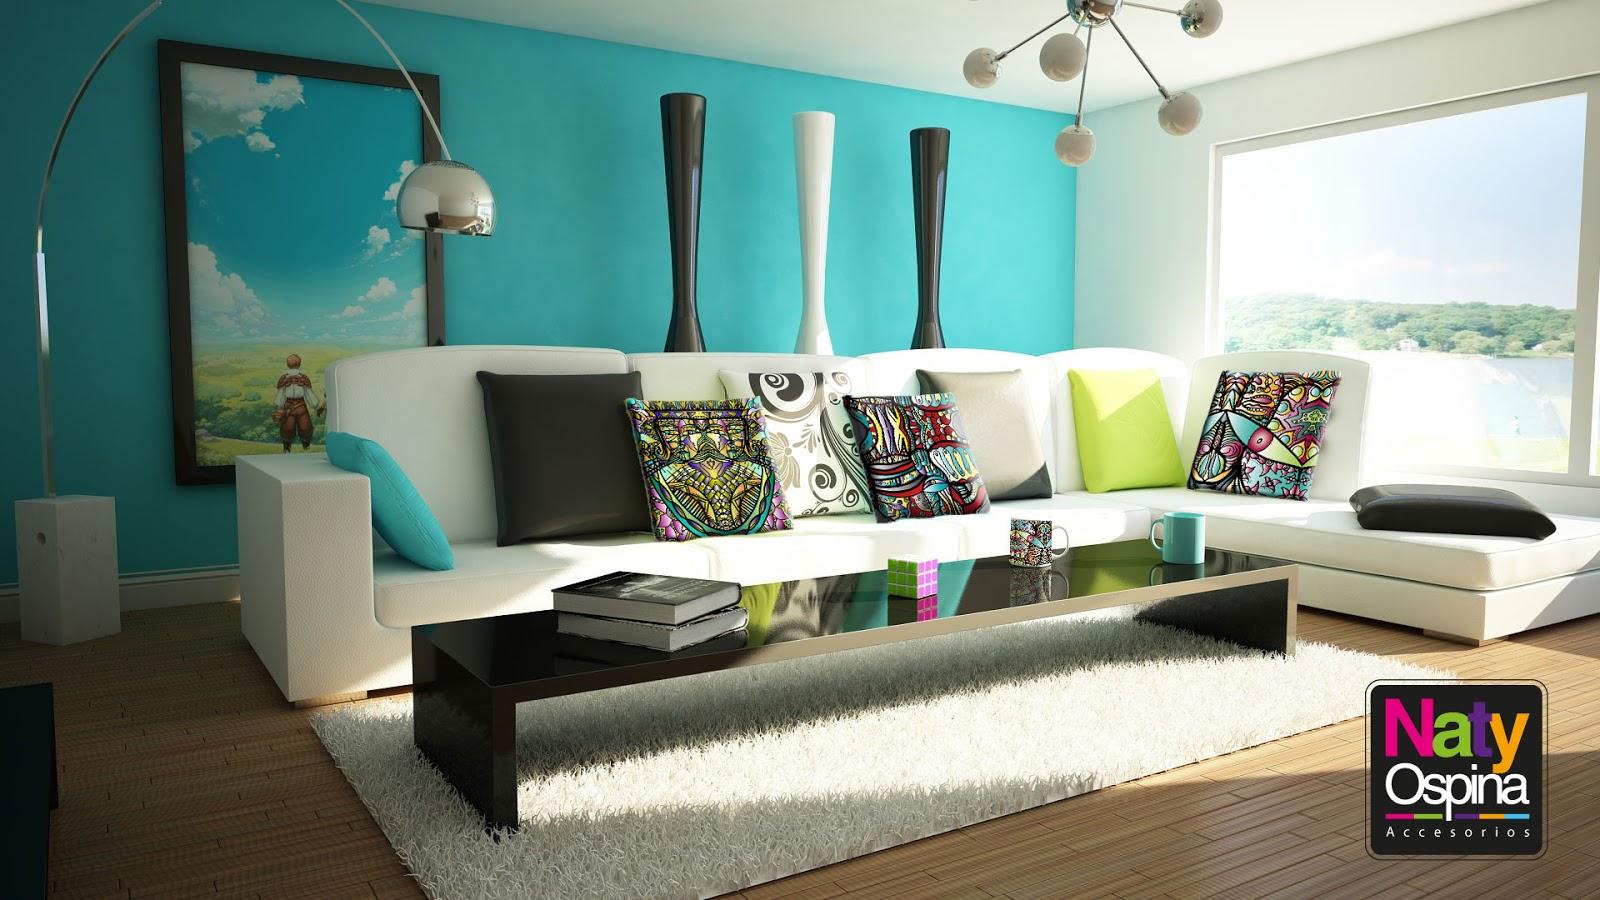 Naty ospina productos decoraci n de interiores for Articulos de decoracion de interiores